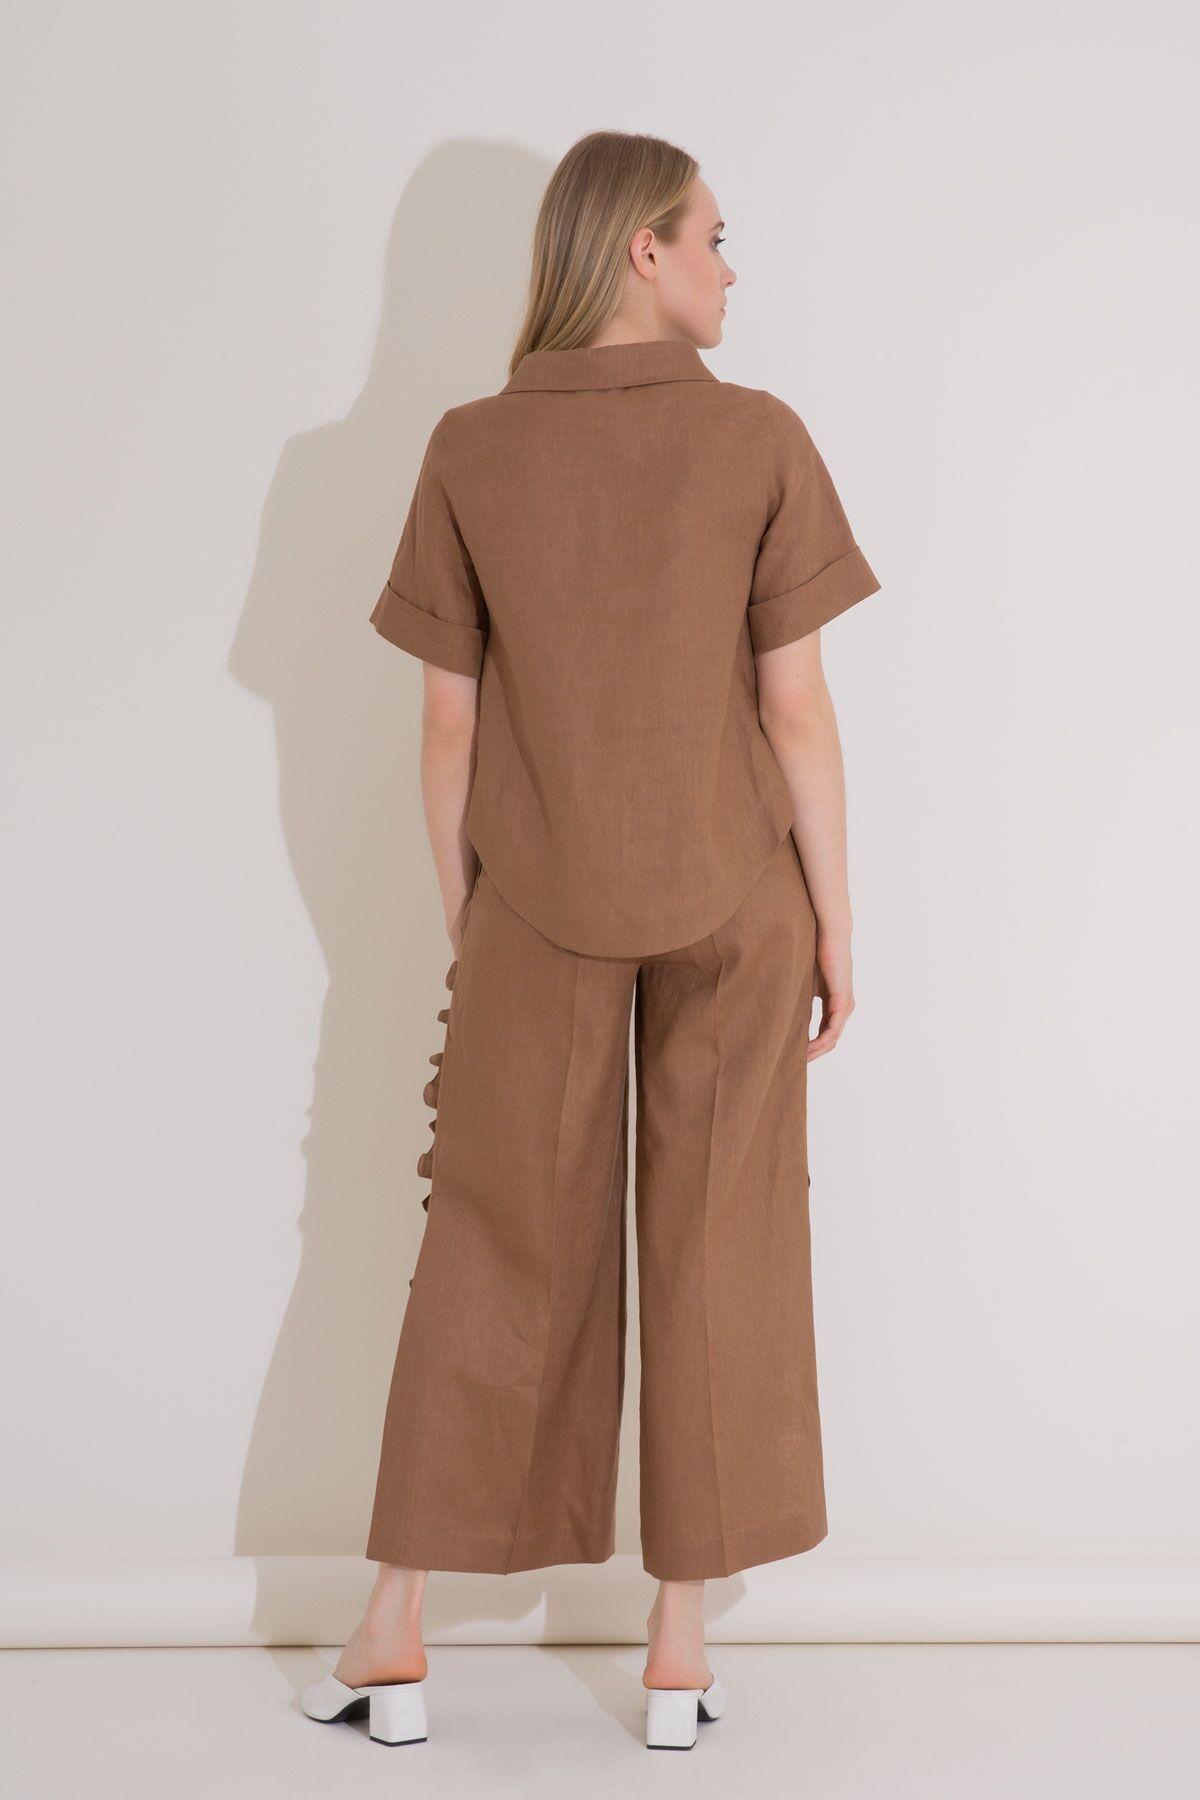 Yüksek Bel, Fırfır Detaylı Geniş Paça, Yırtmaçlı Keten Pantolon